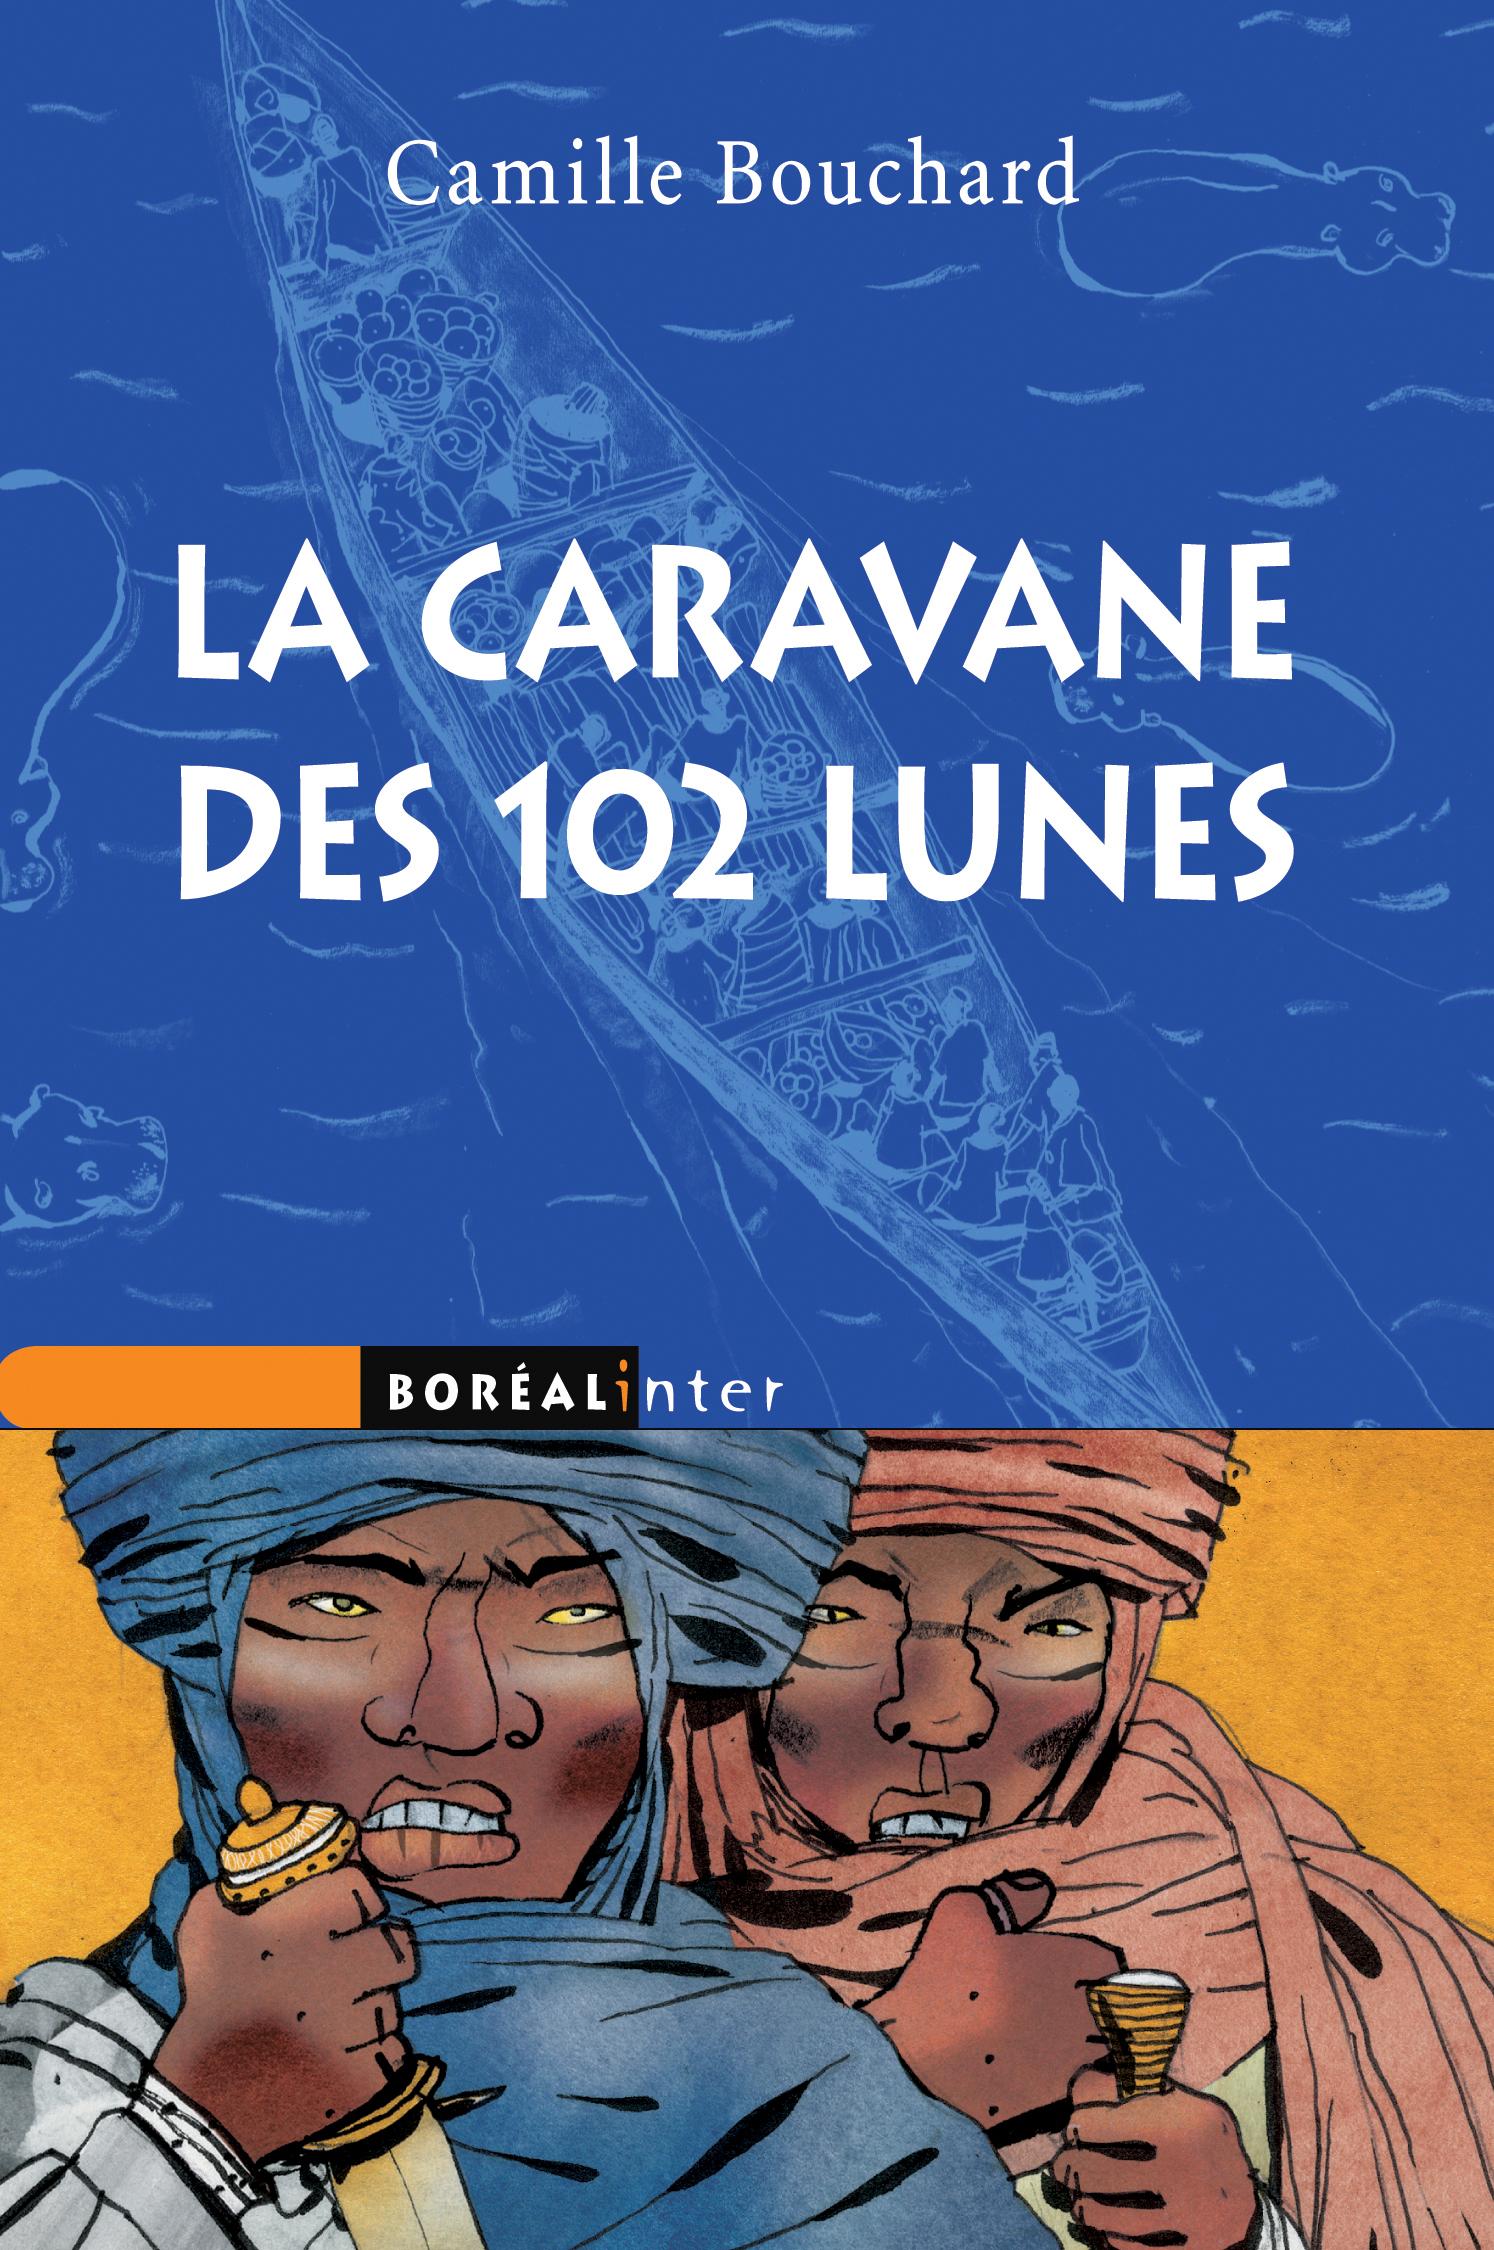 Caravane des 102 lunes (La)